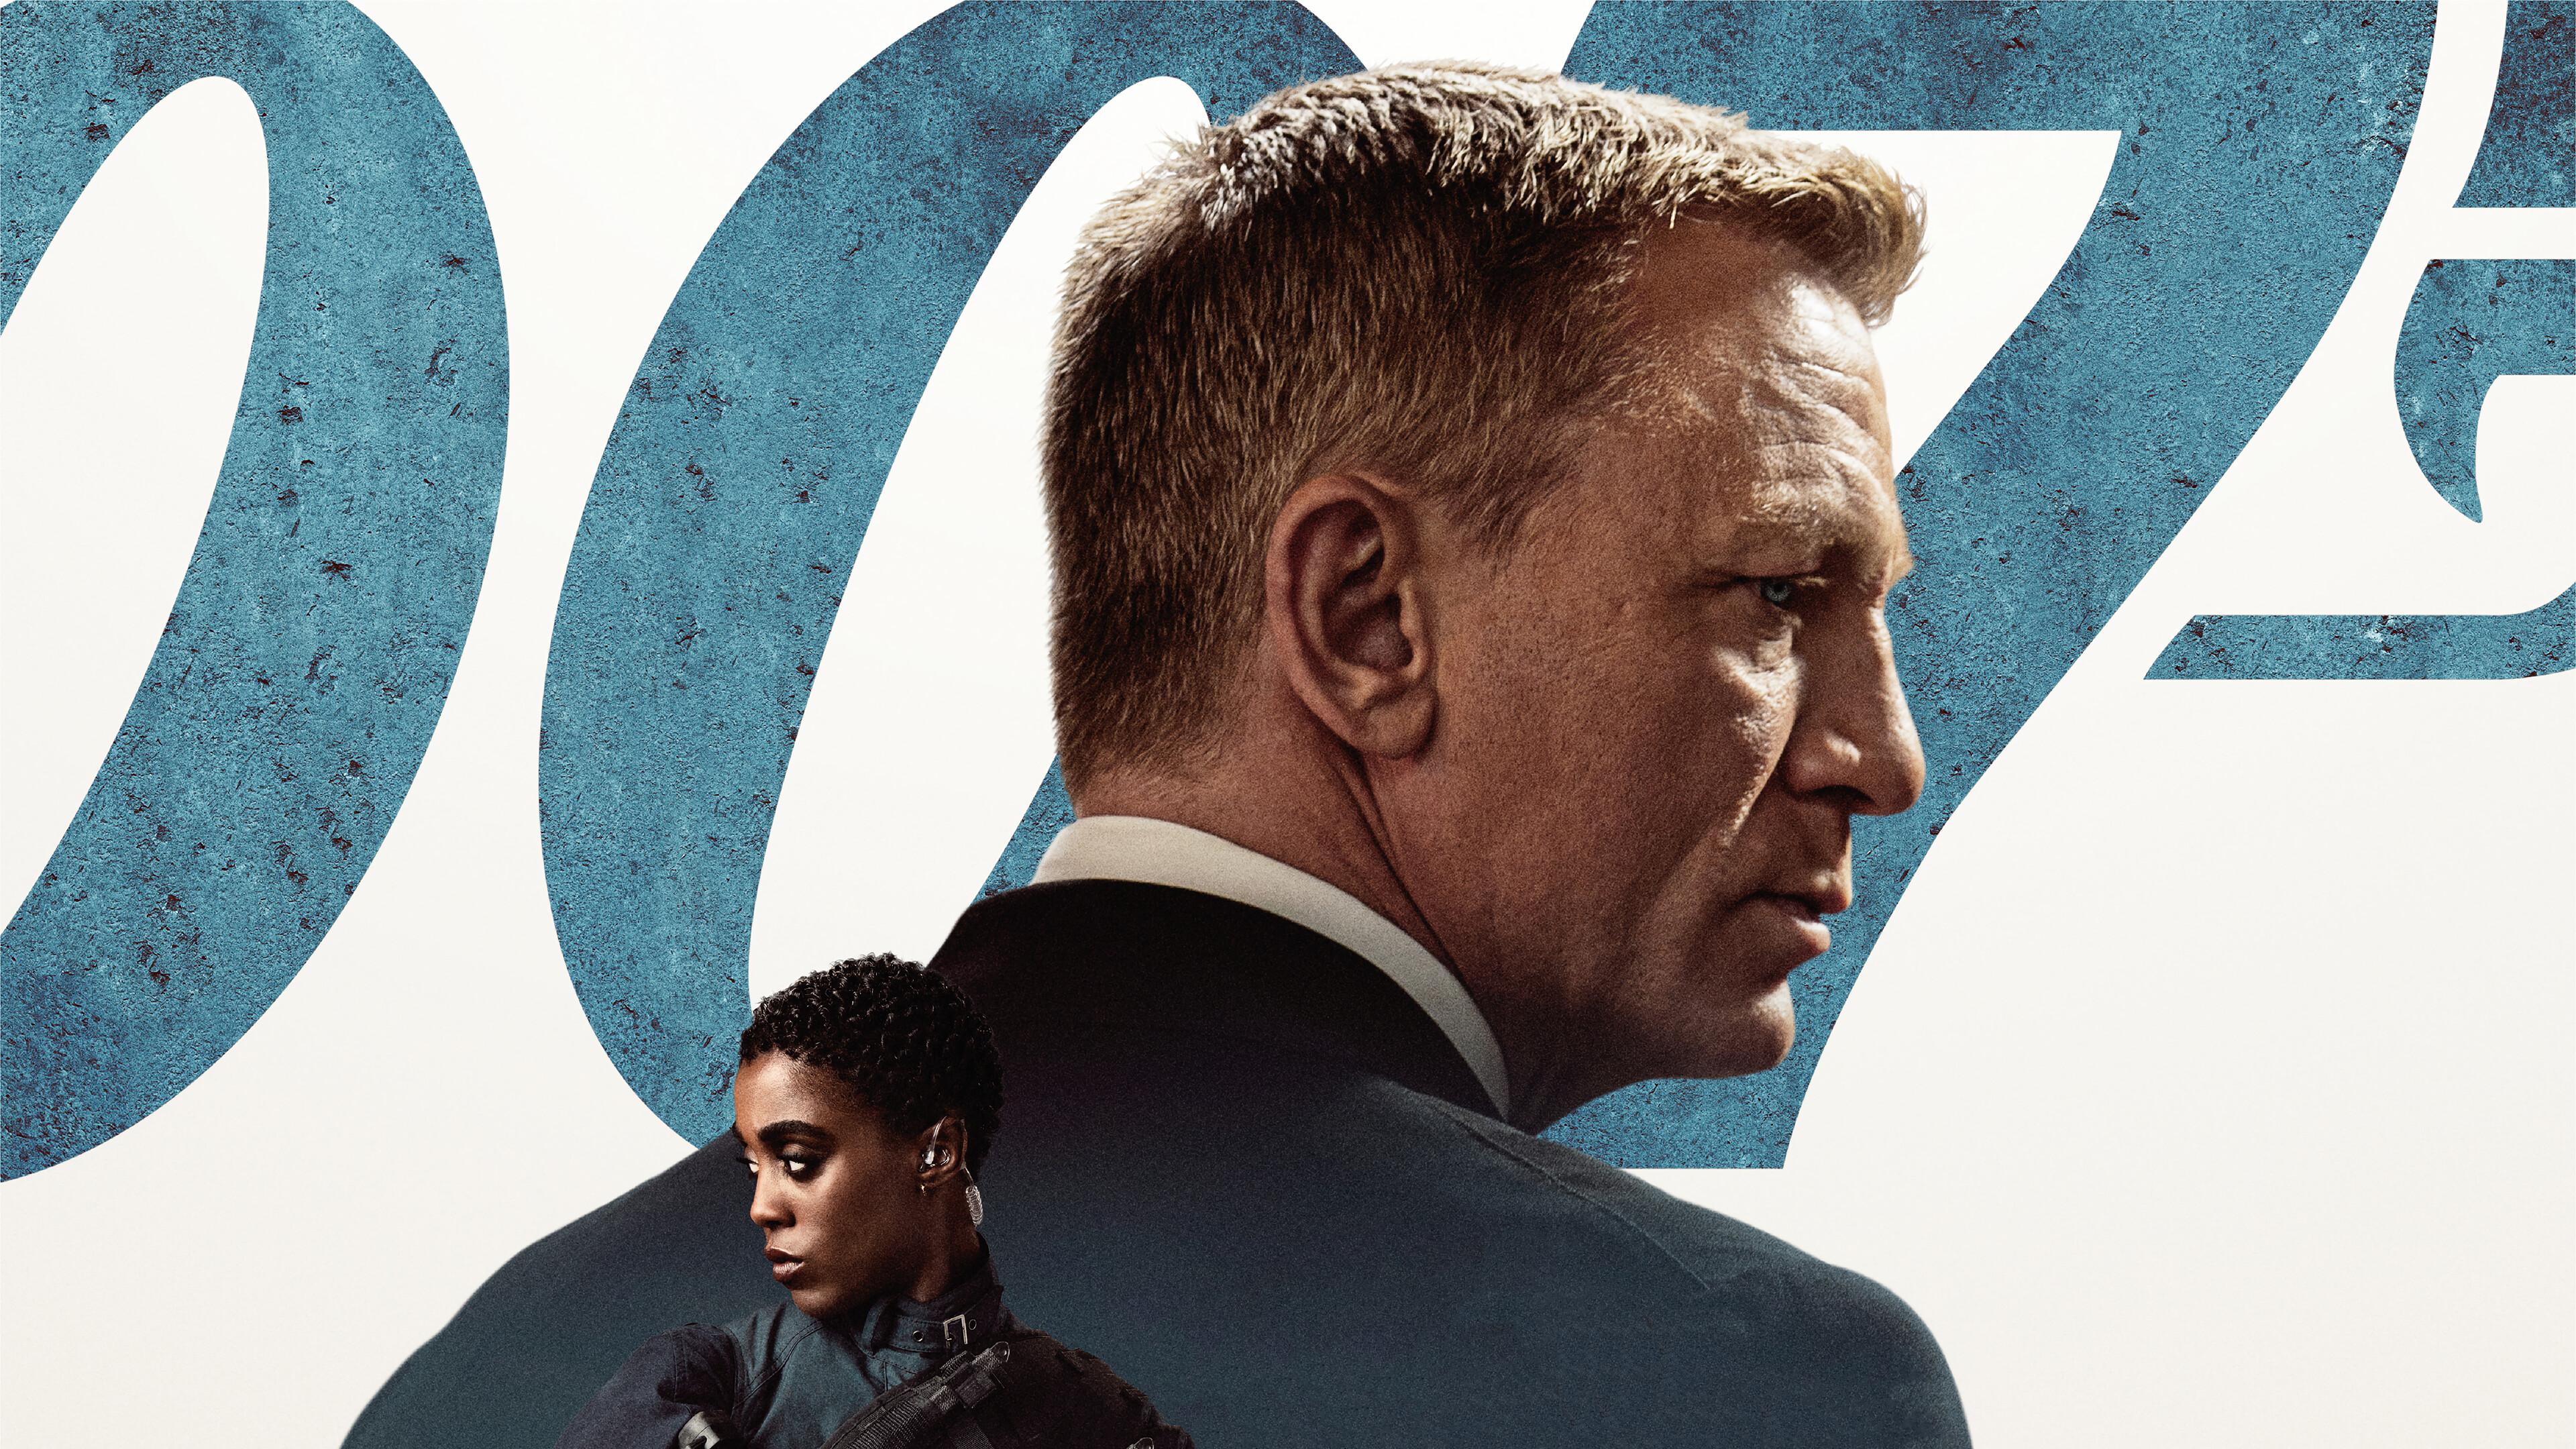 die 007 movie poster 4k wallpaper